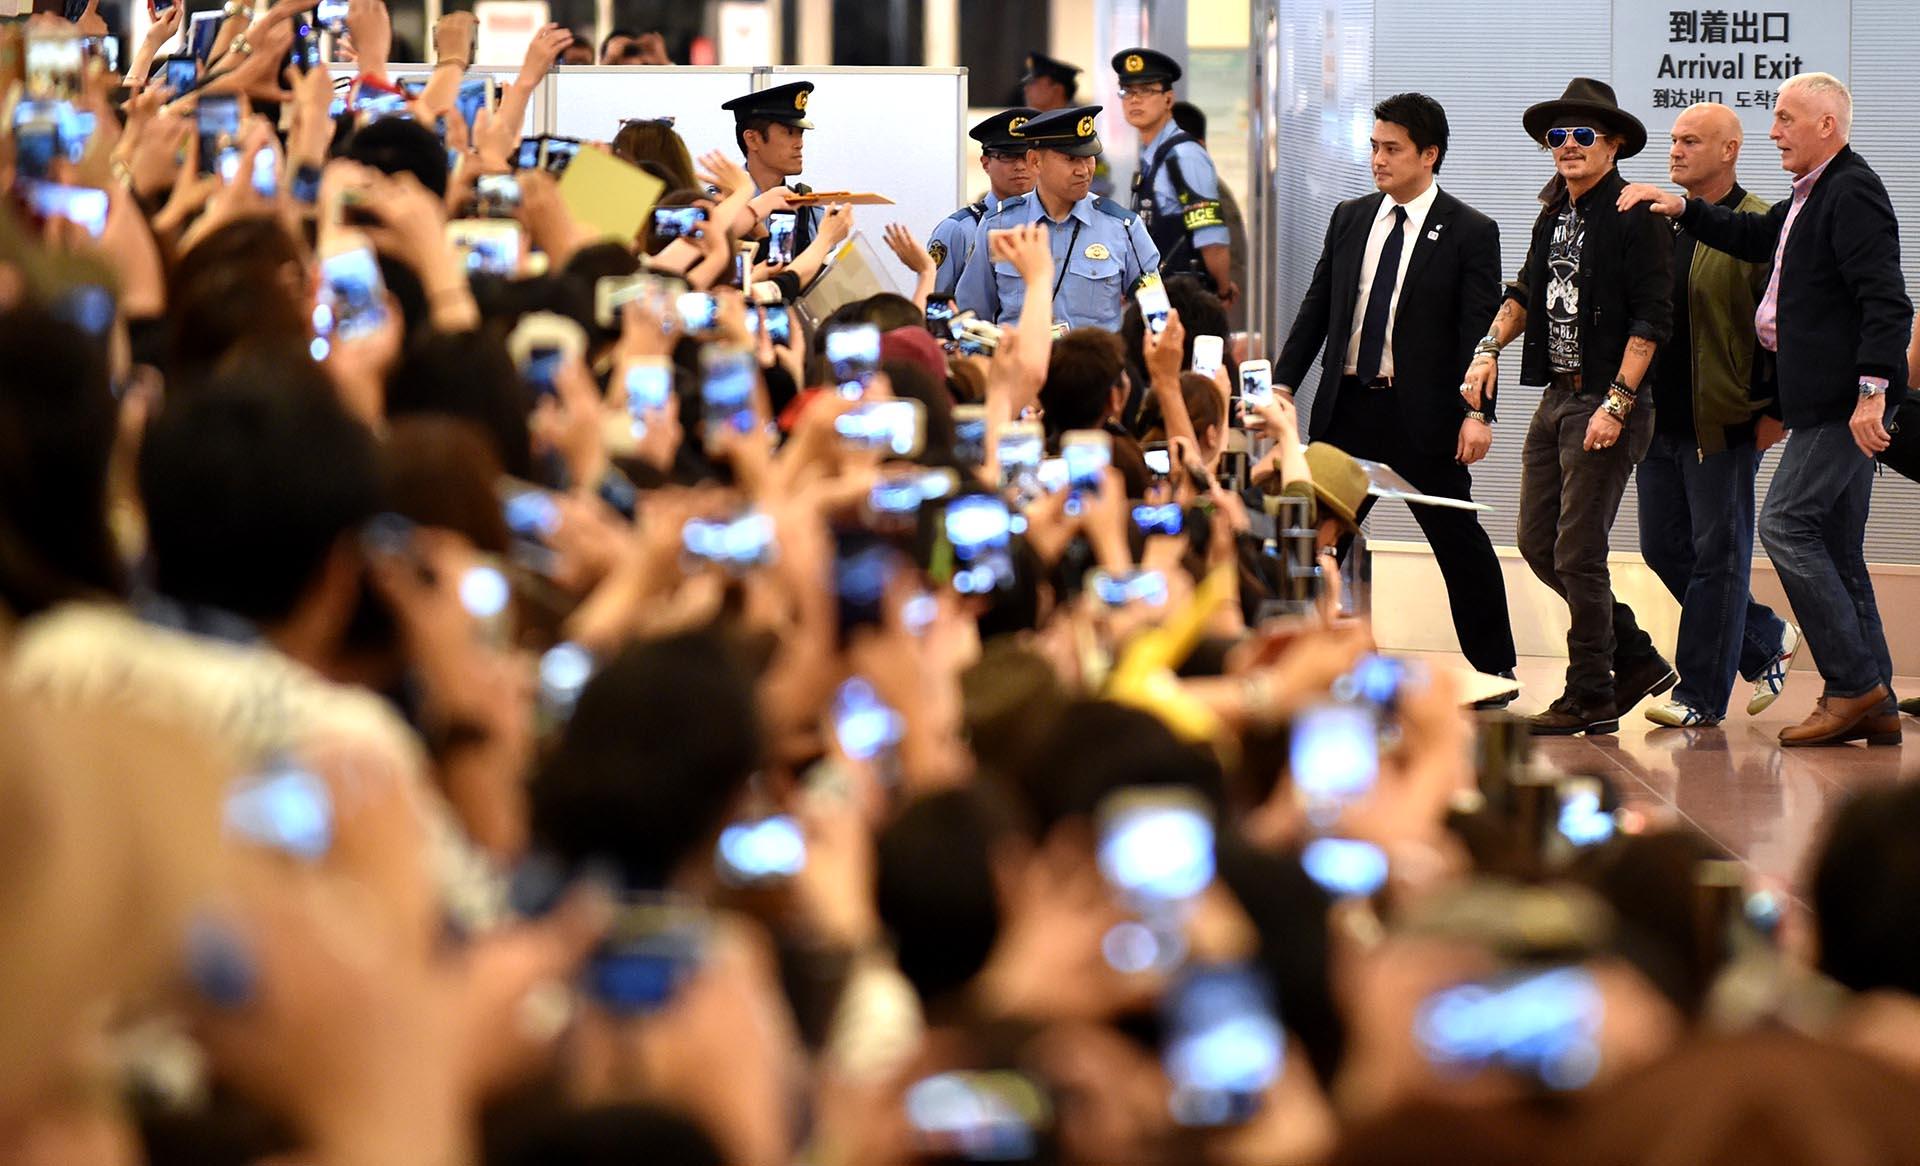 El actor estadounidense Johnny Depp llega a Tokio, Japón, y es recibido por una multitud de fanáticos